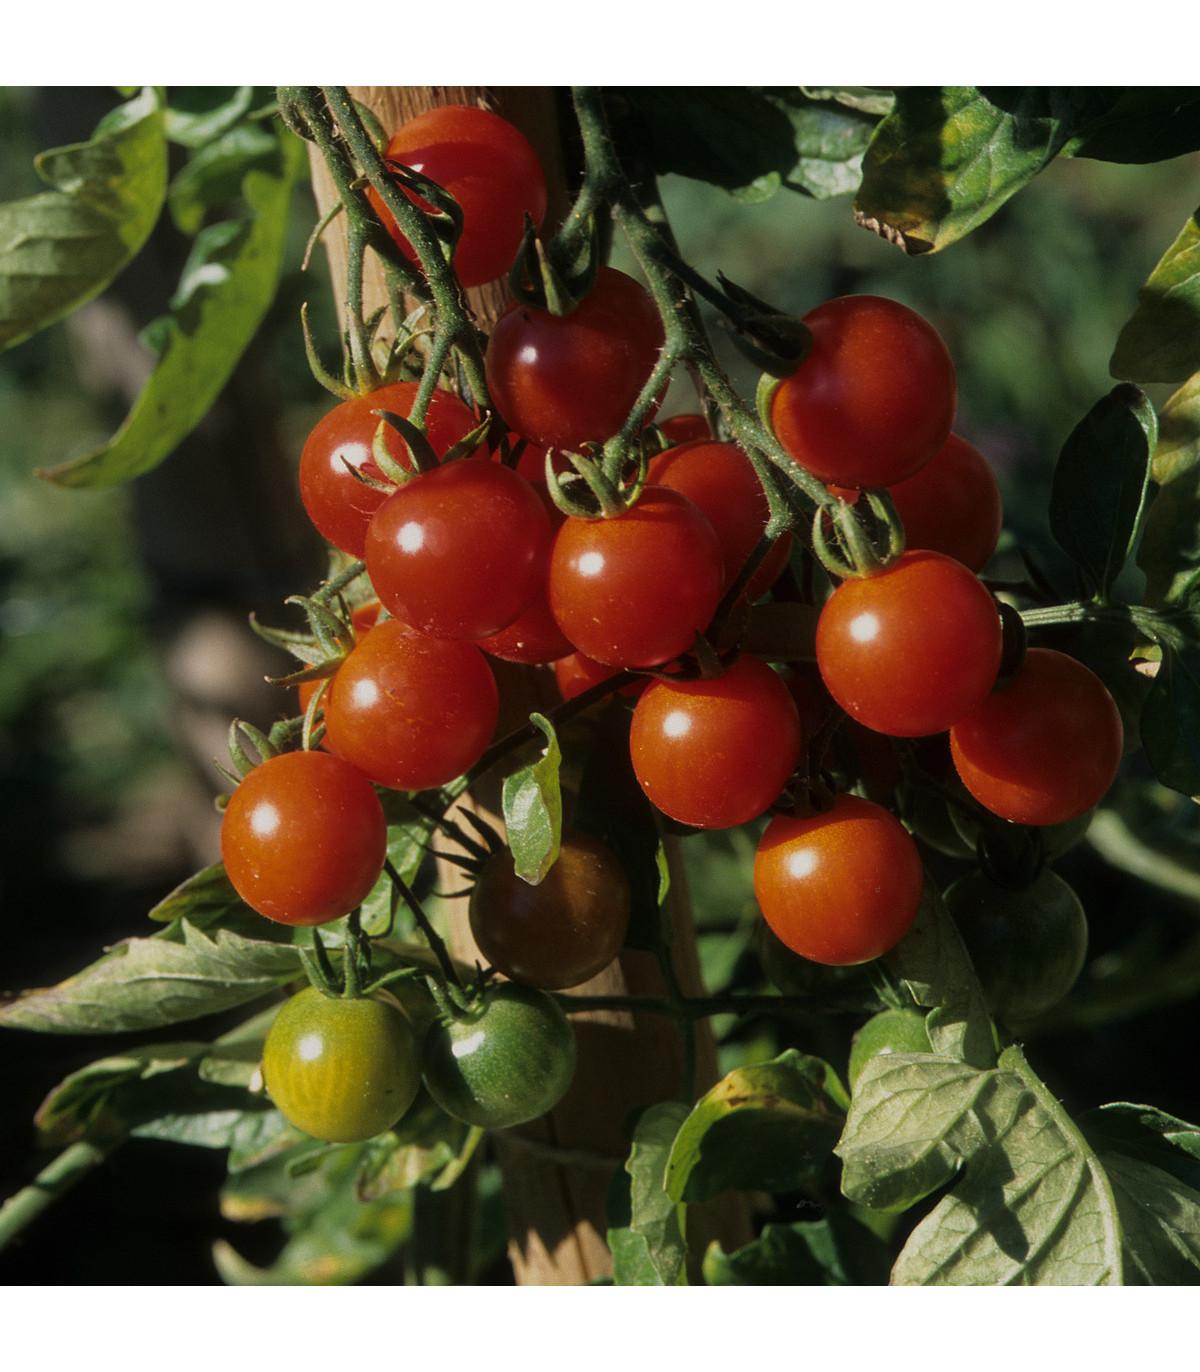 Previsnutá paradajka Tom Red - Lycopersicon Esculentum - semená previsnutých paradajok - 8 Ks